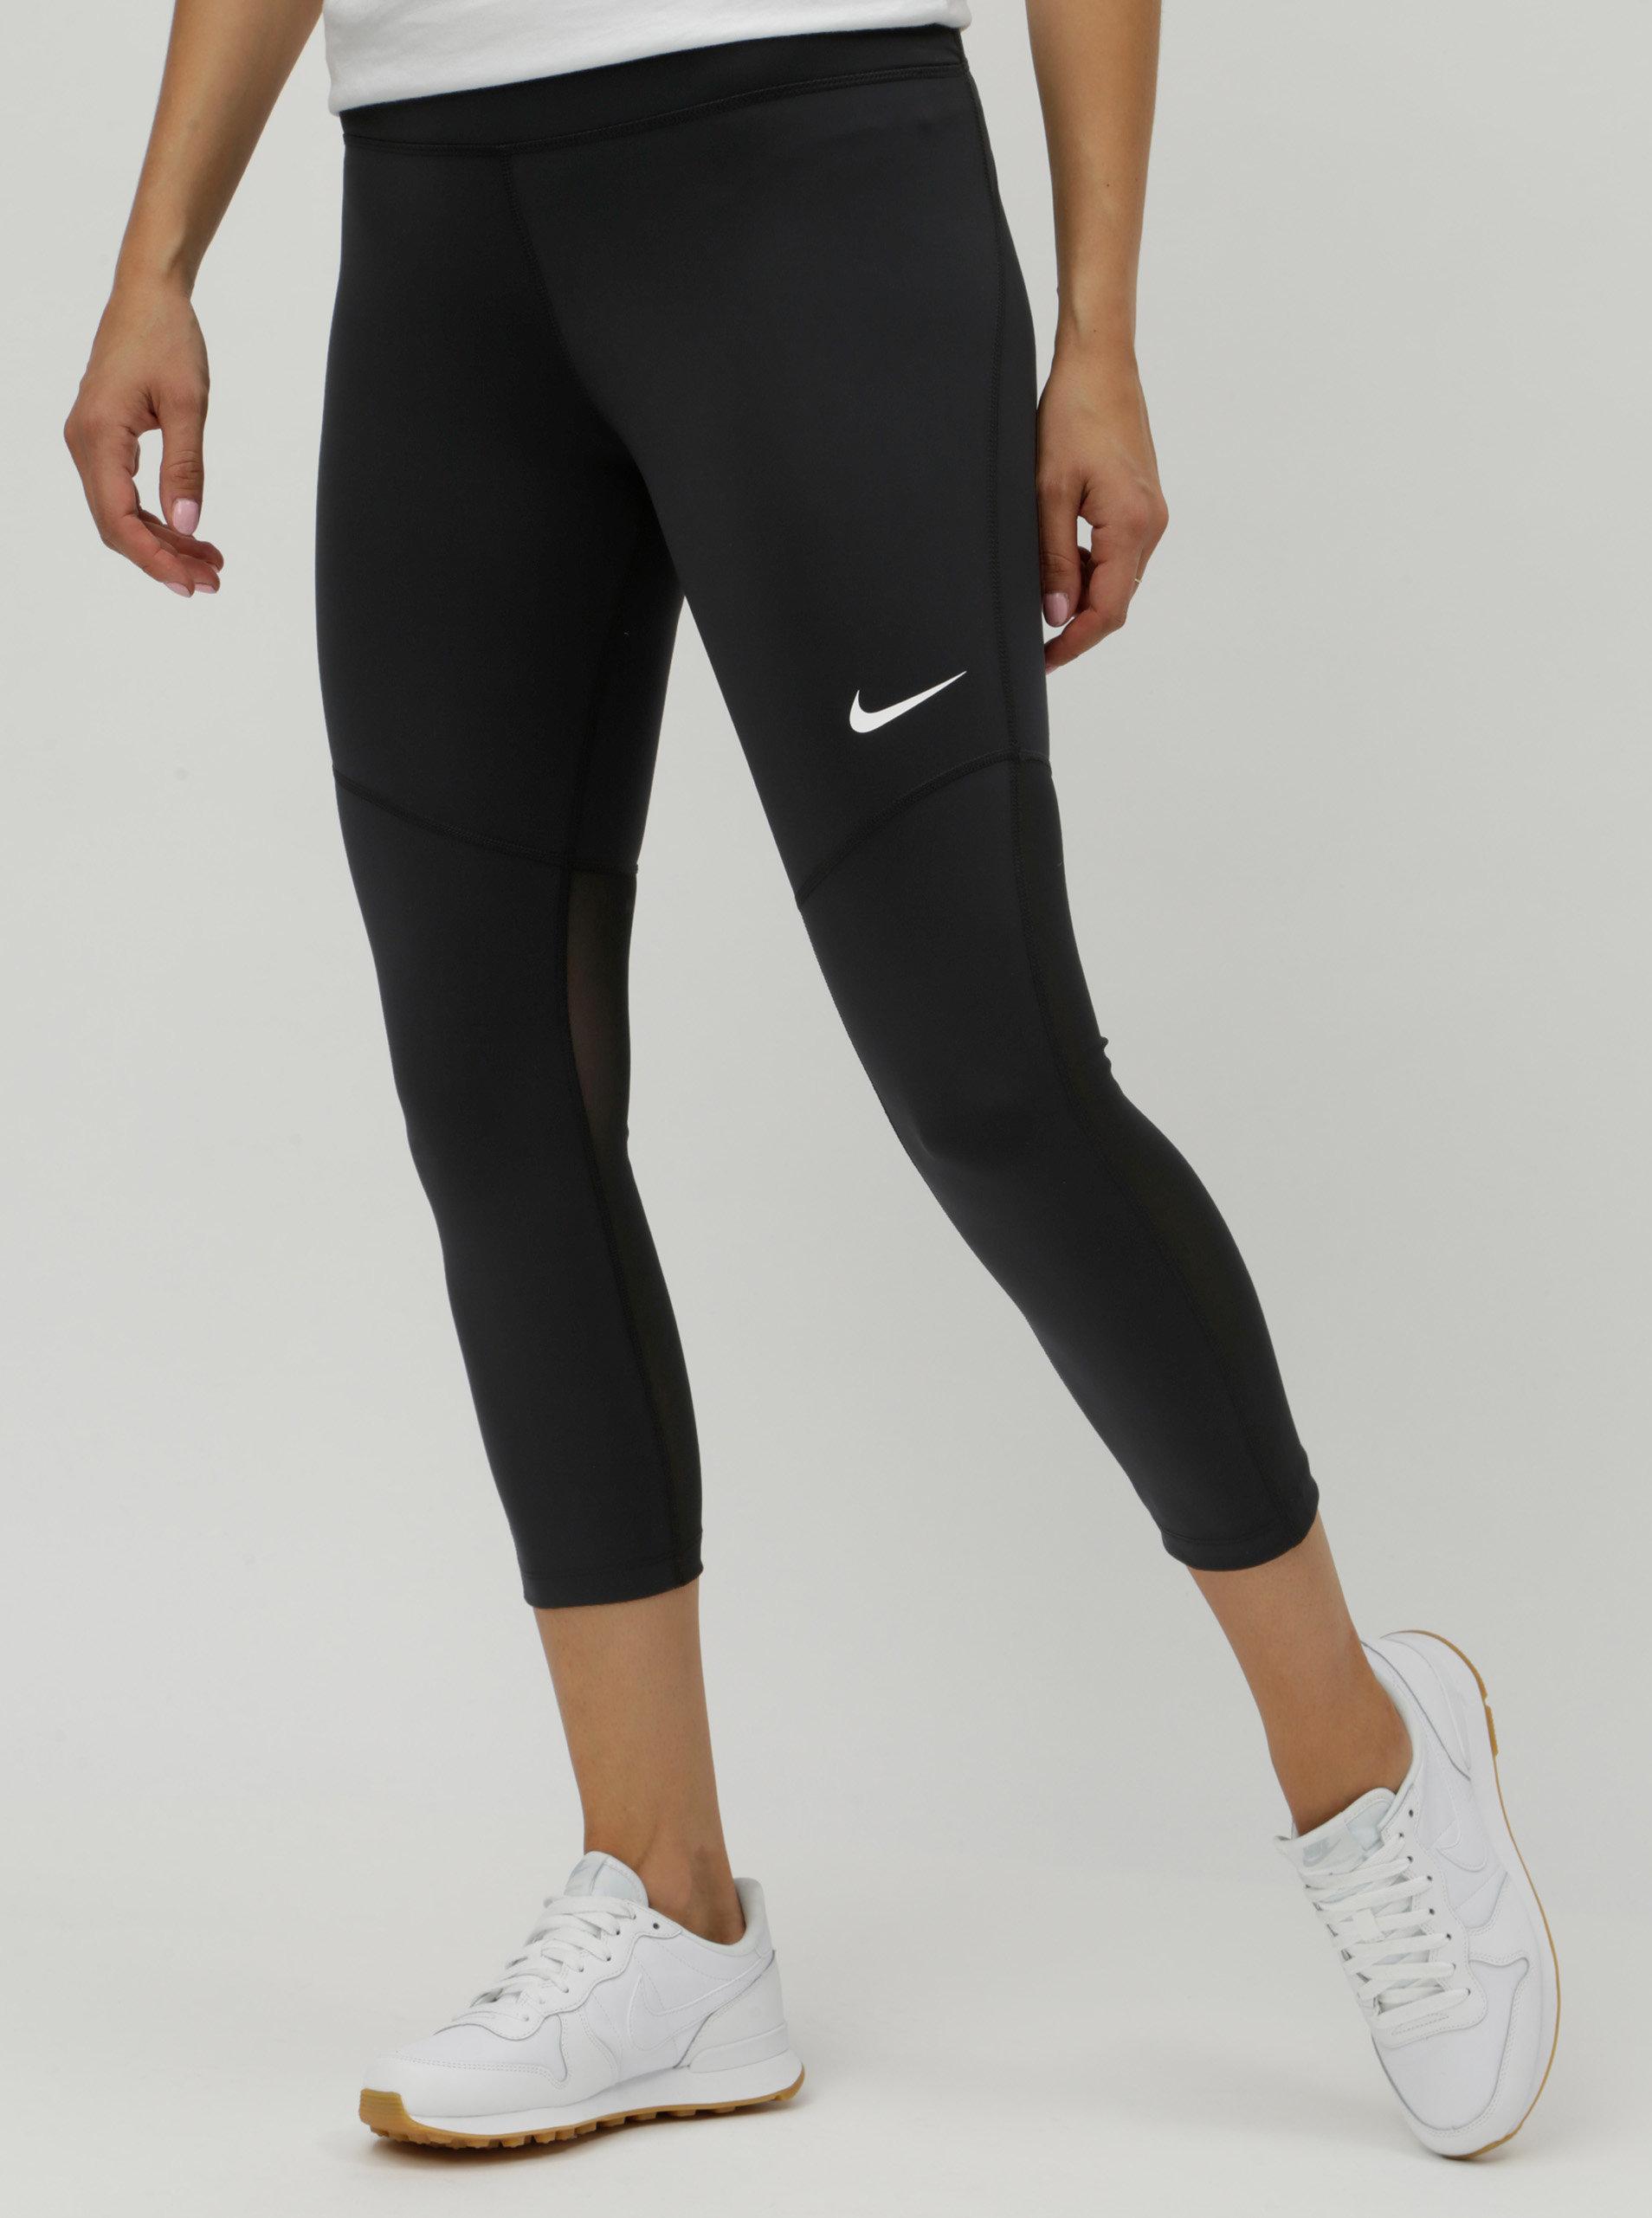 8074e6964168 Černé dámské legíny s průsvitnými detaily Nike Fly Victory ...